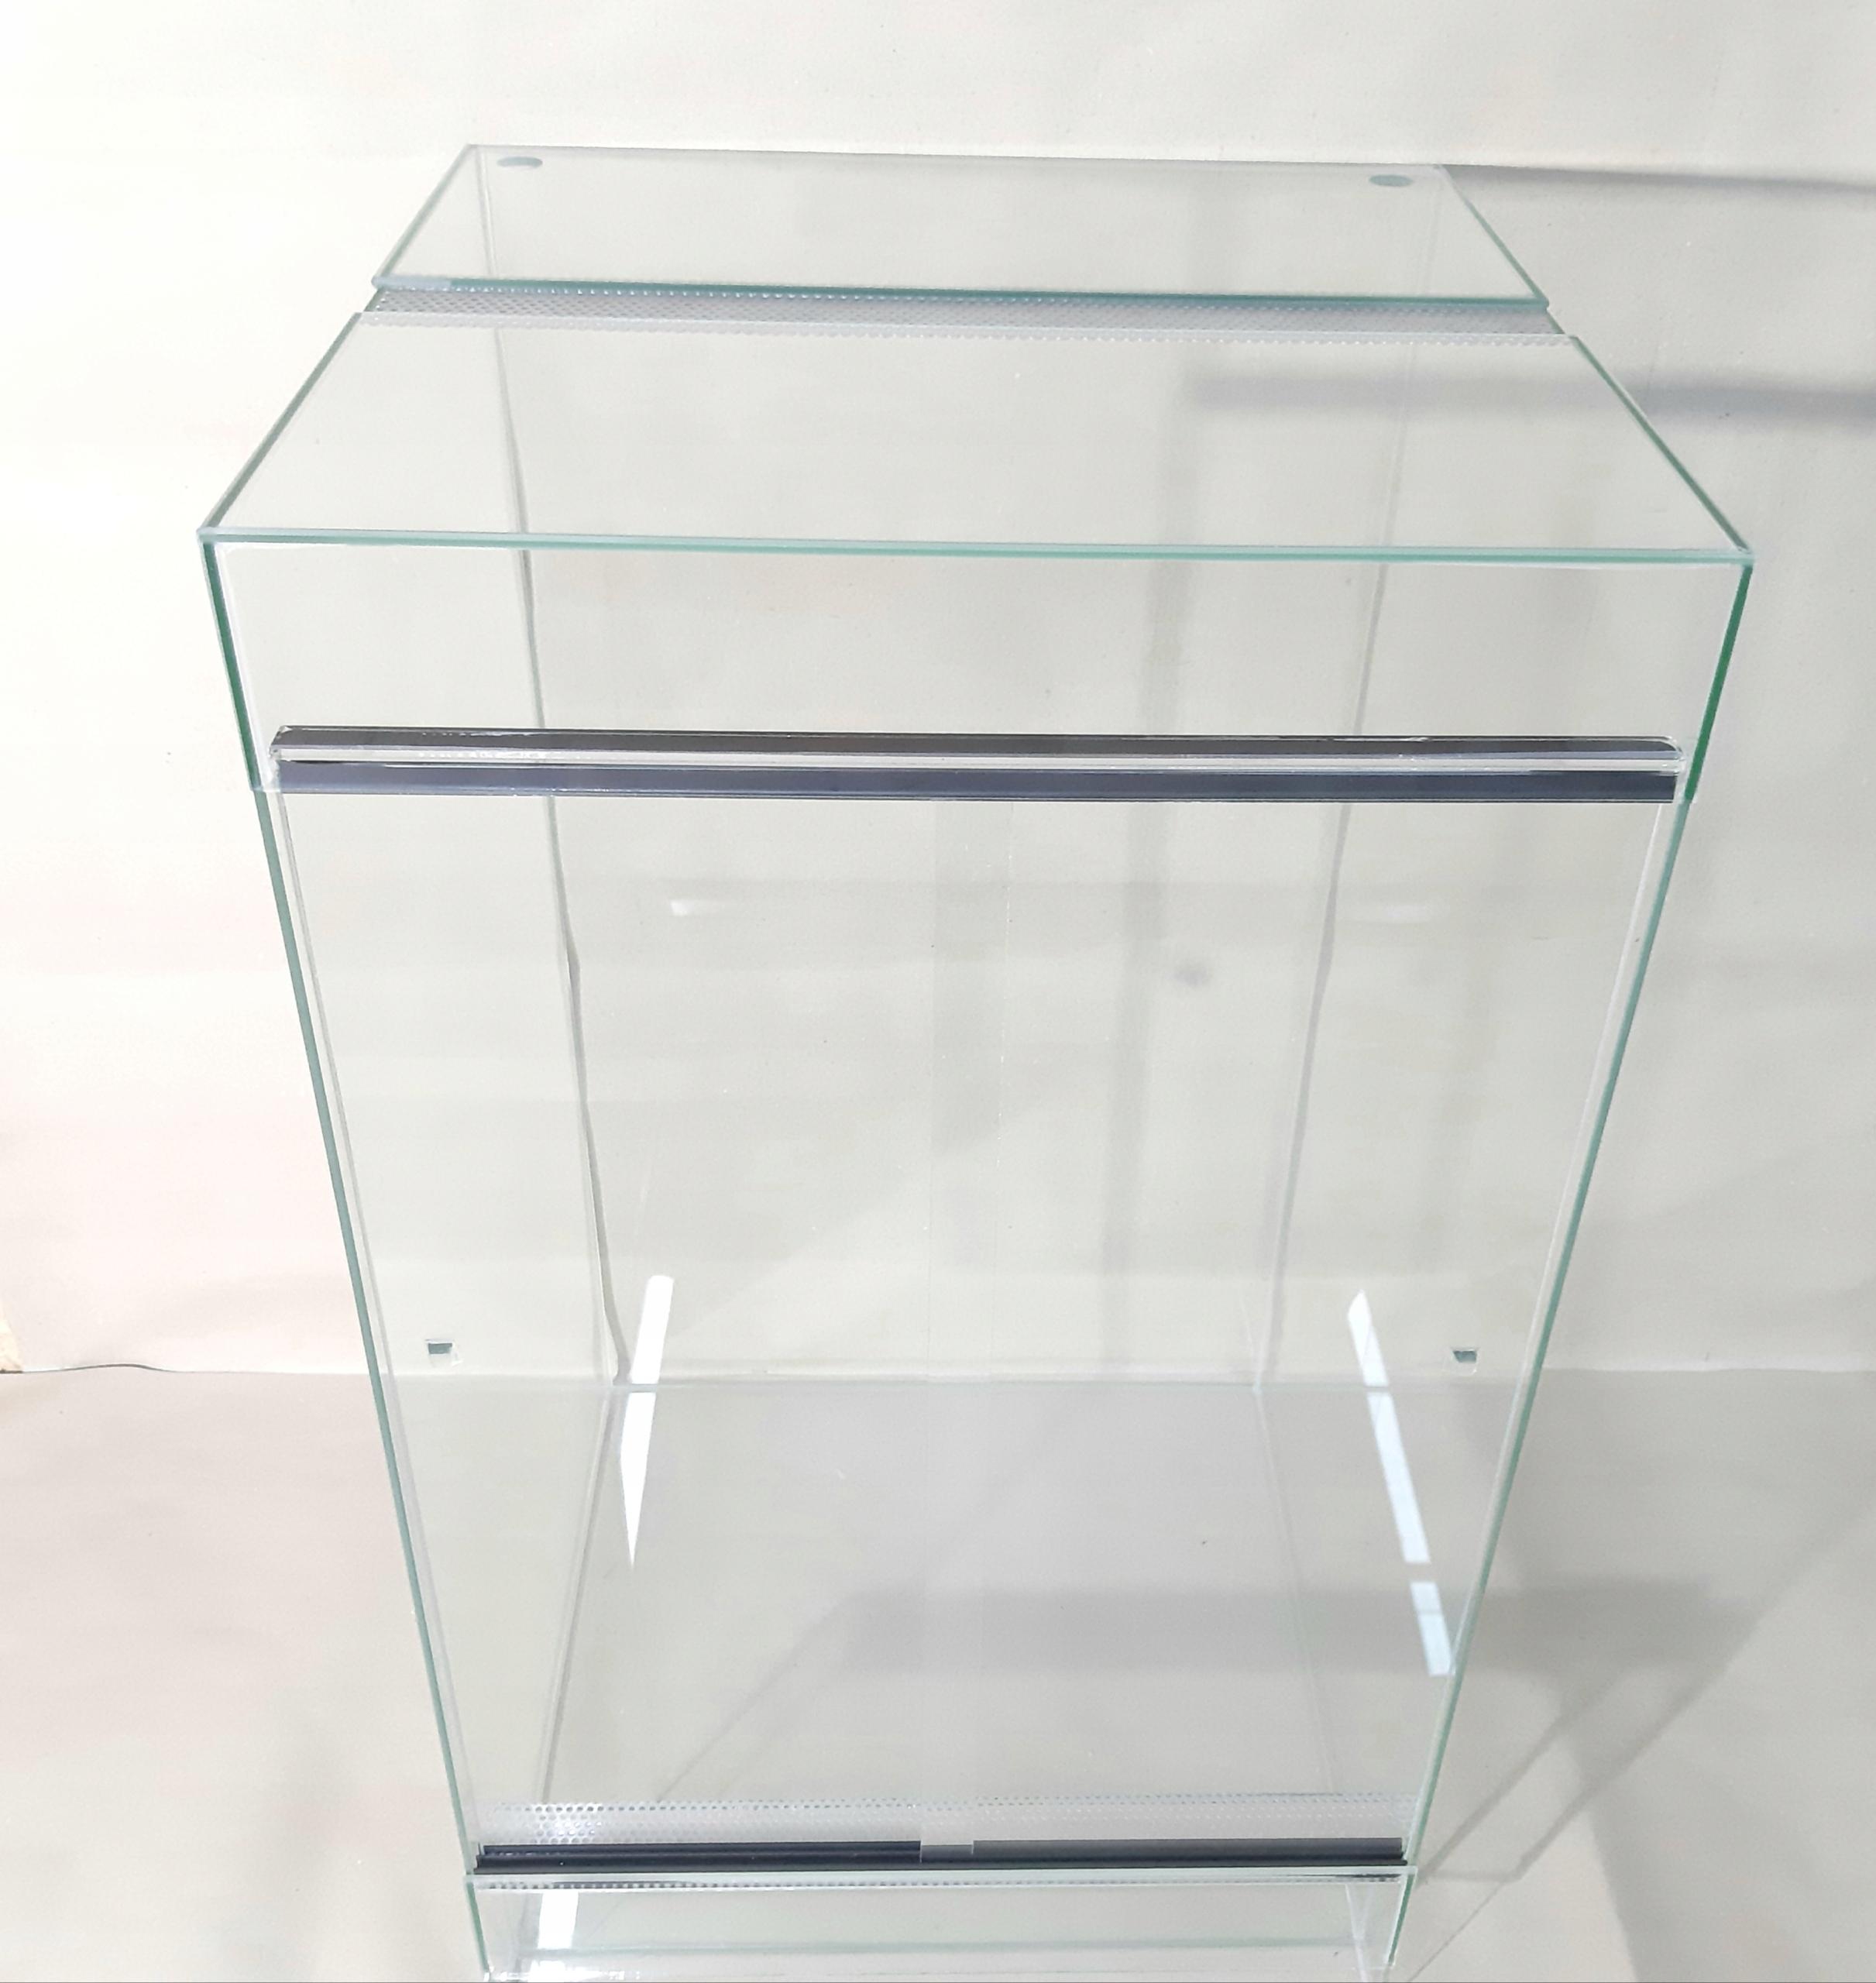 Cubepoint Terárium 40x40x60h